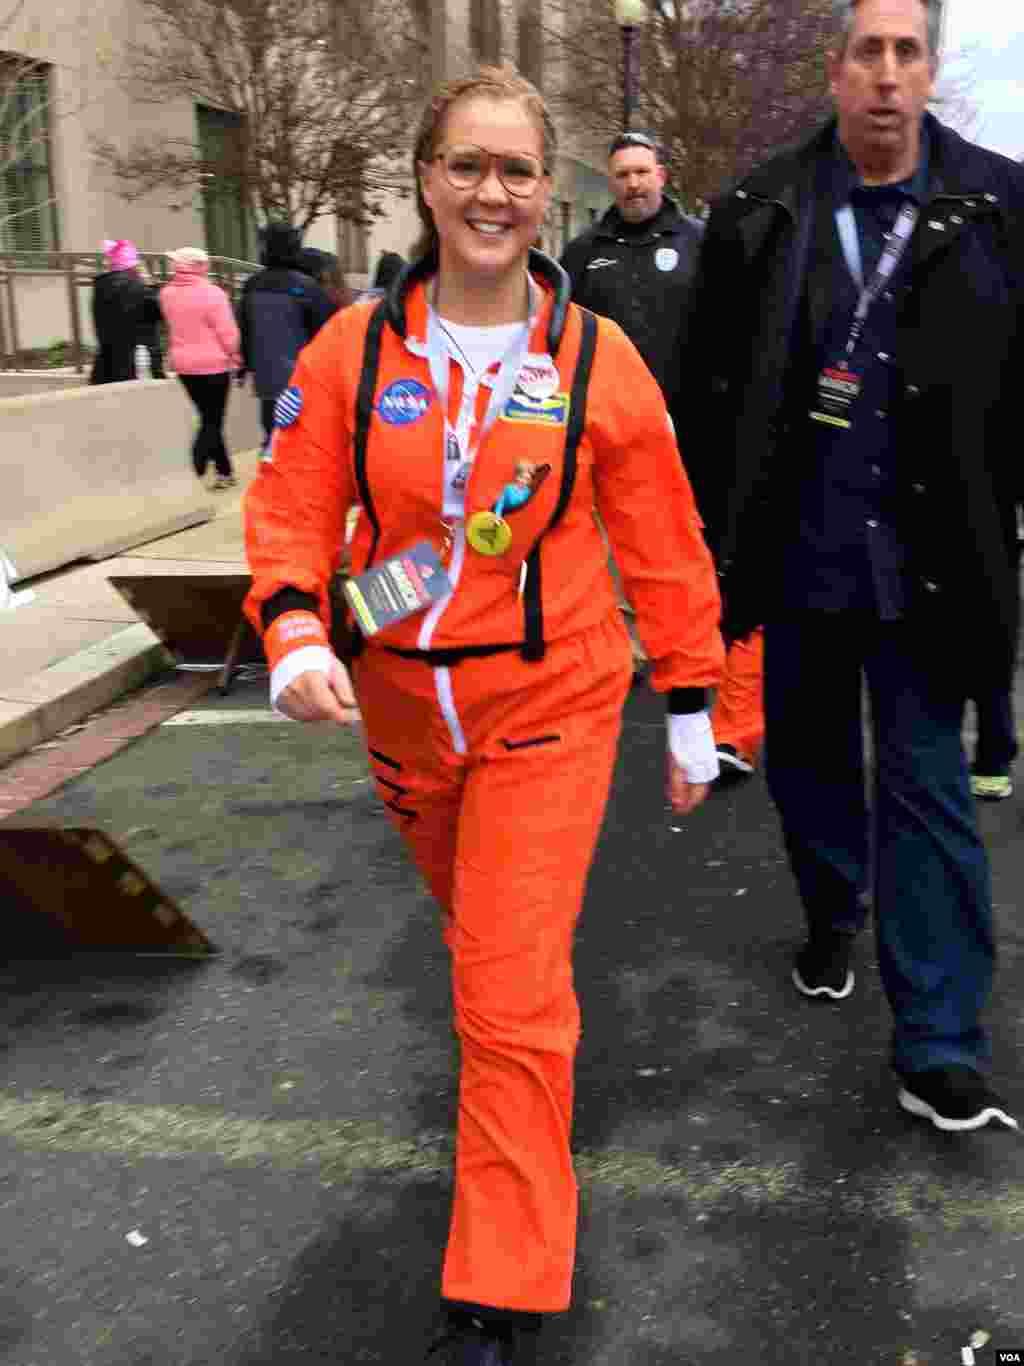 미국의 배우이자 코미디언 애이미 슈머가 워싱턴 DC에서 열린 '여성 행진' 행사에 참가했다.